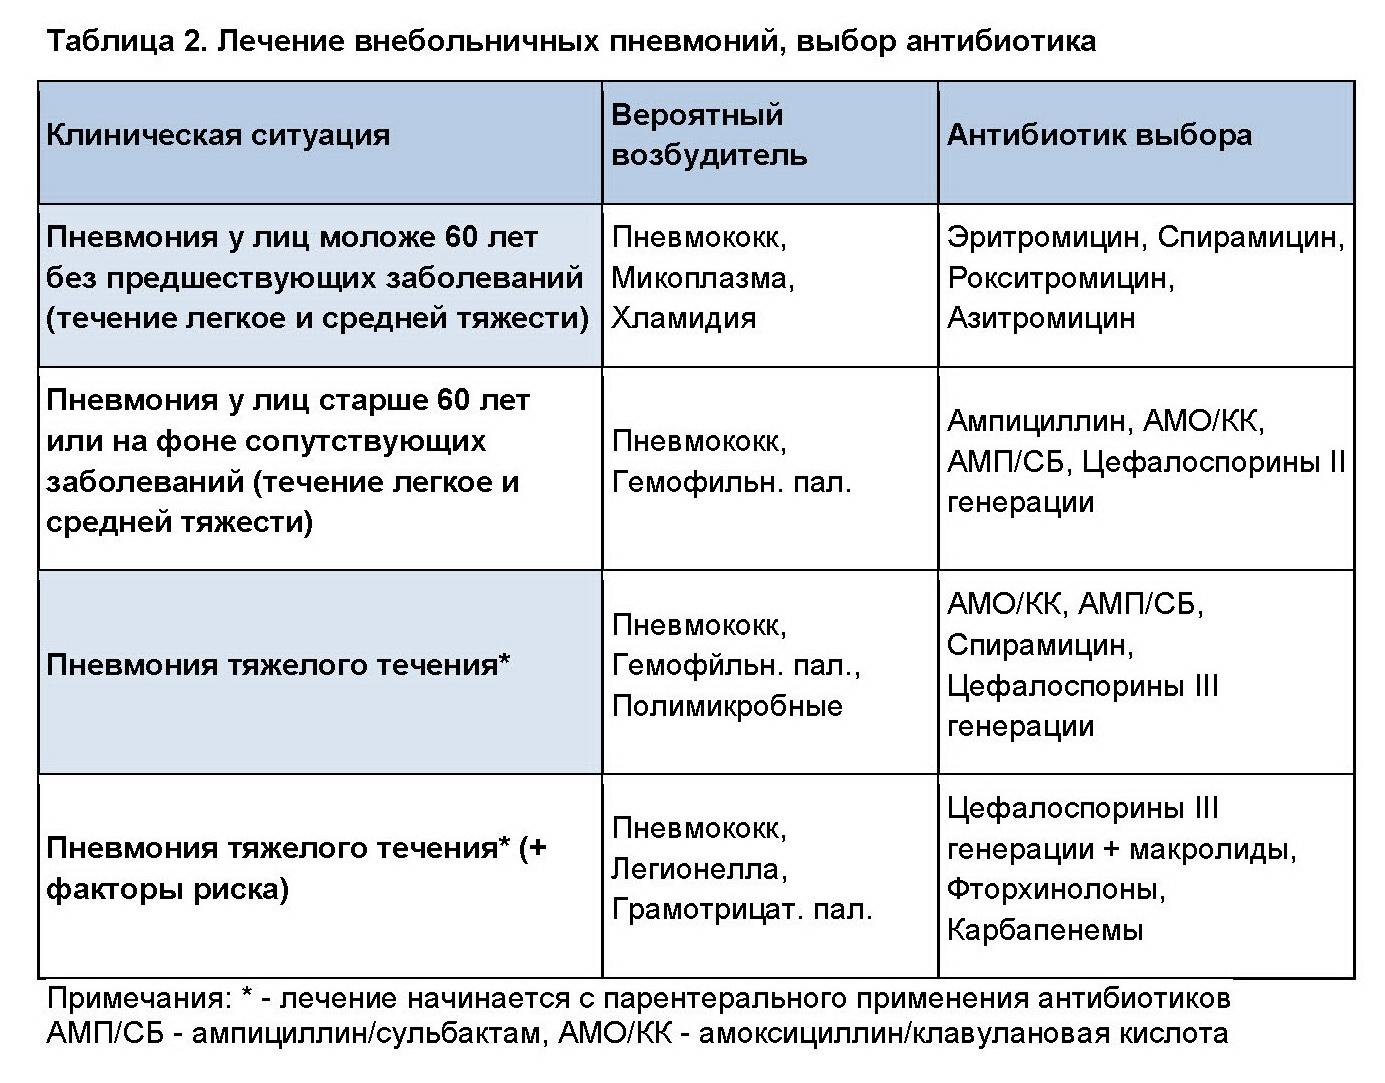 Трех и четырех компонентные схемы лечения язвенной болезни